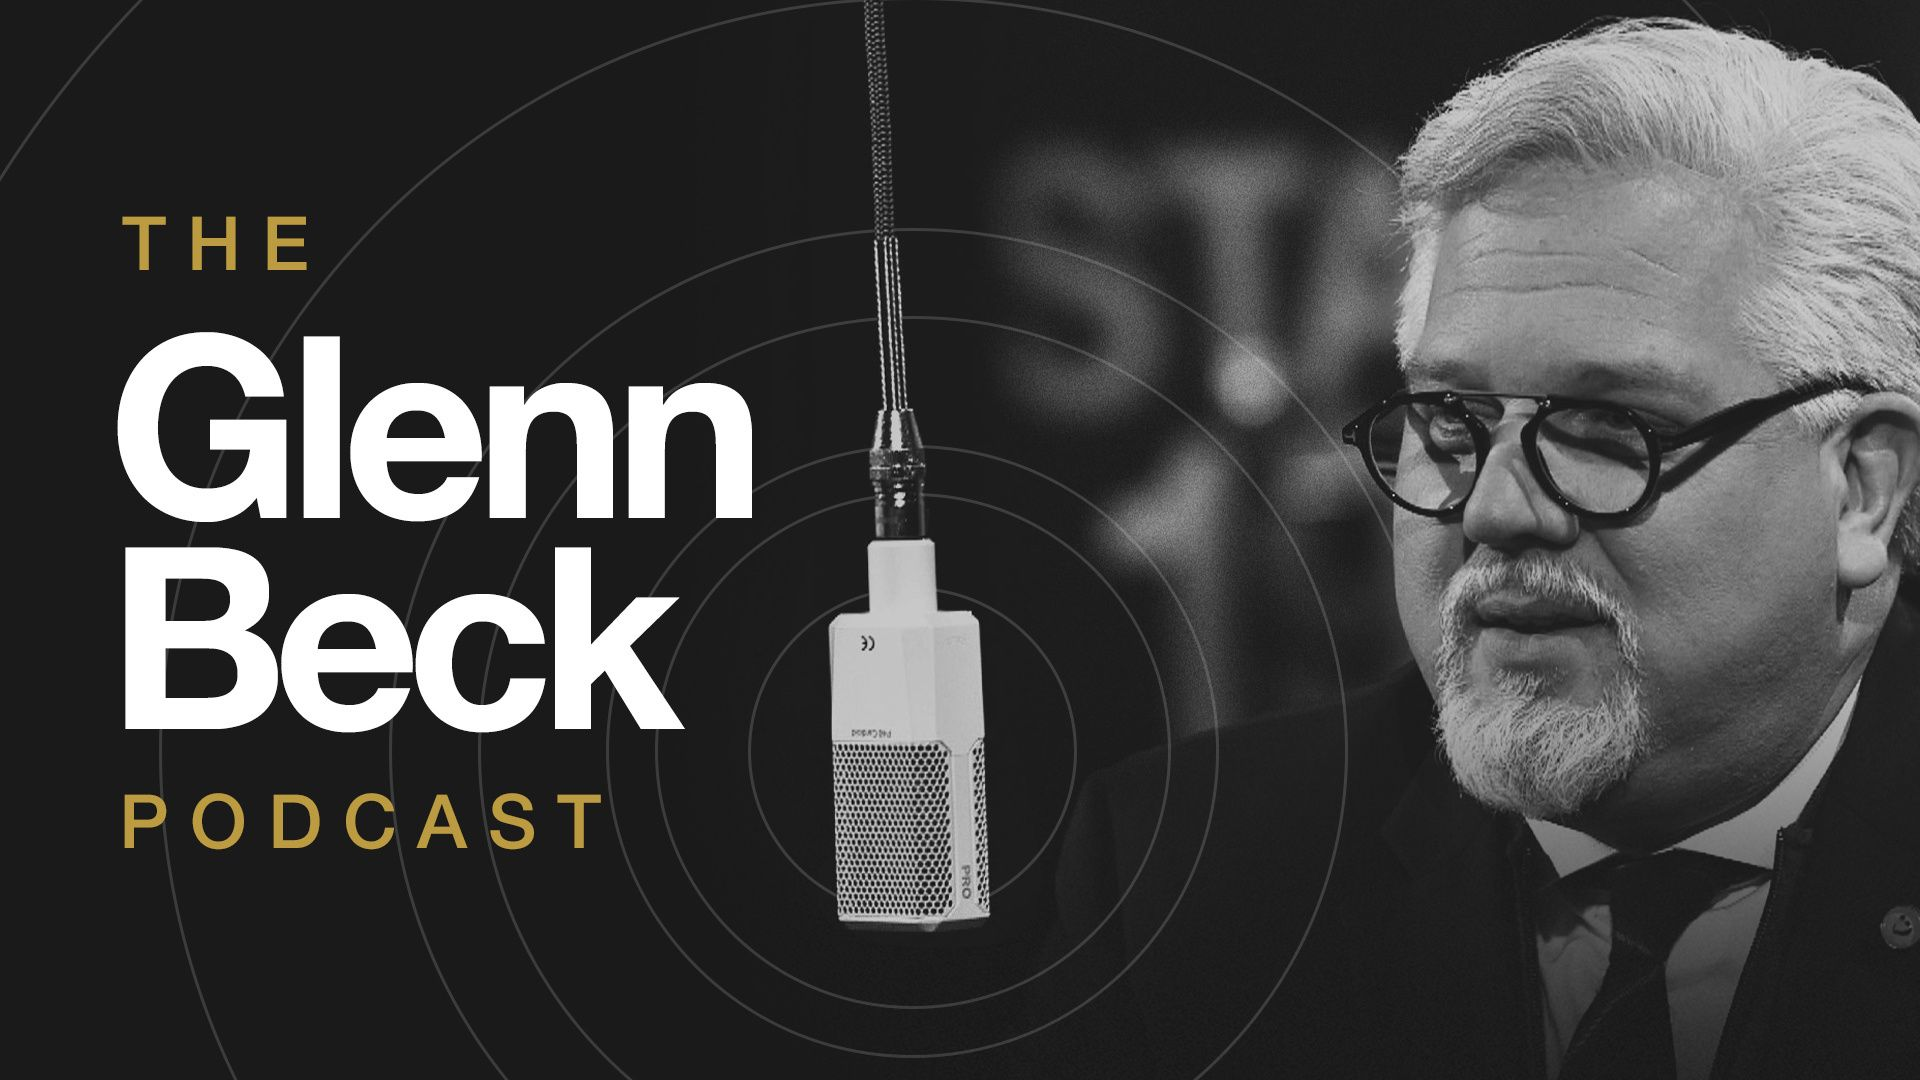 The Glenn Beck Podcast